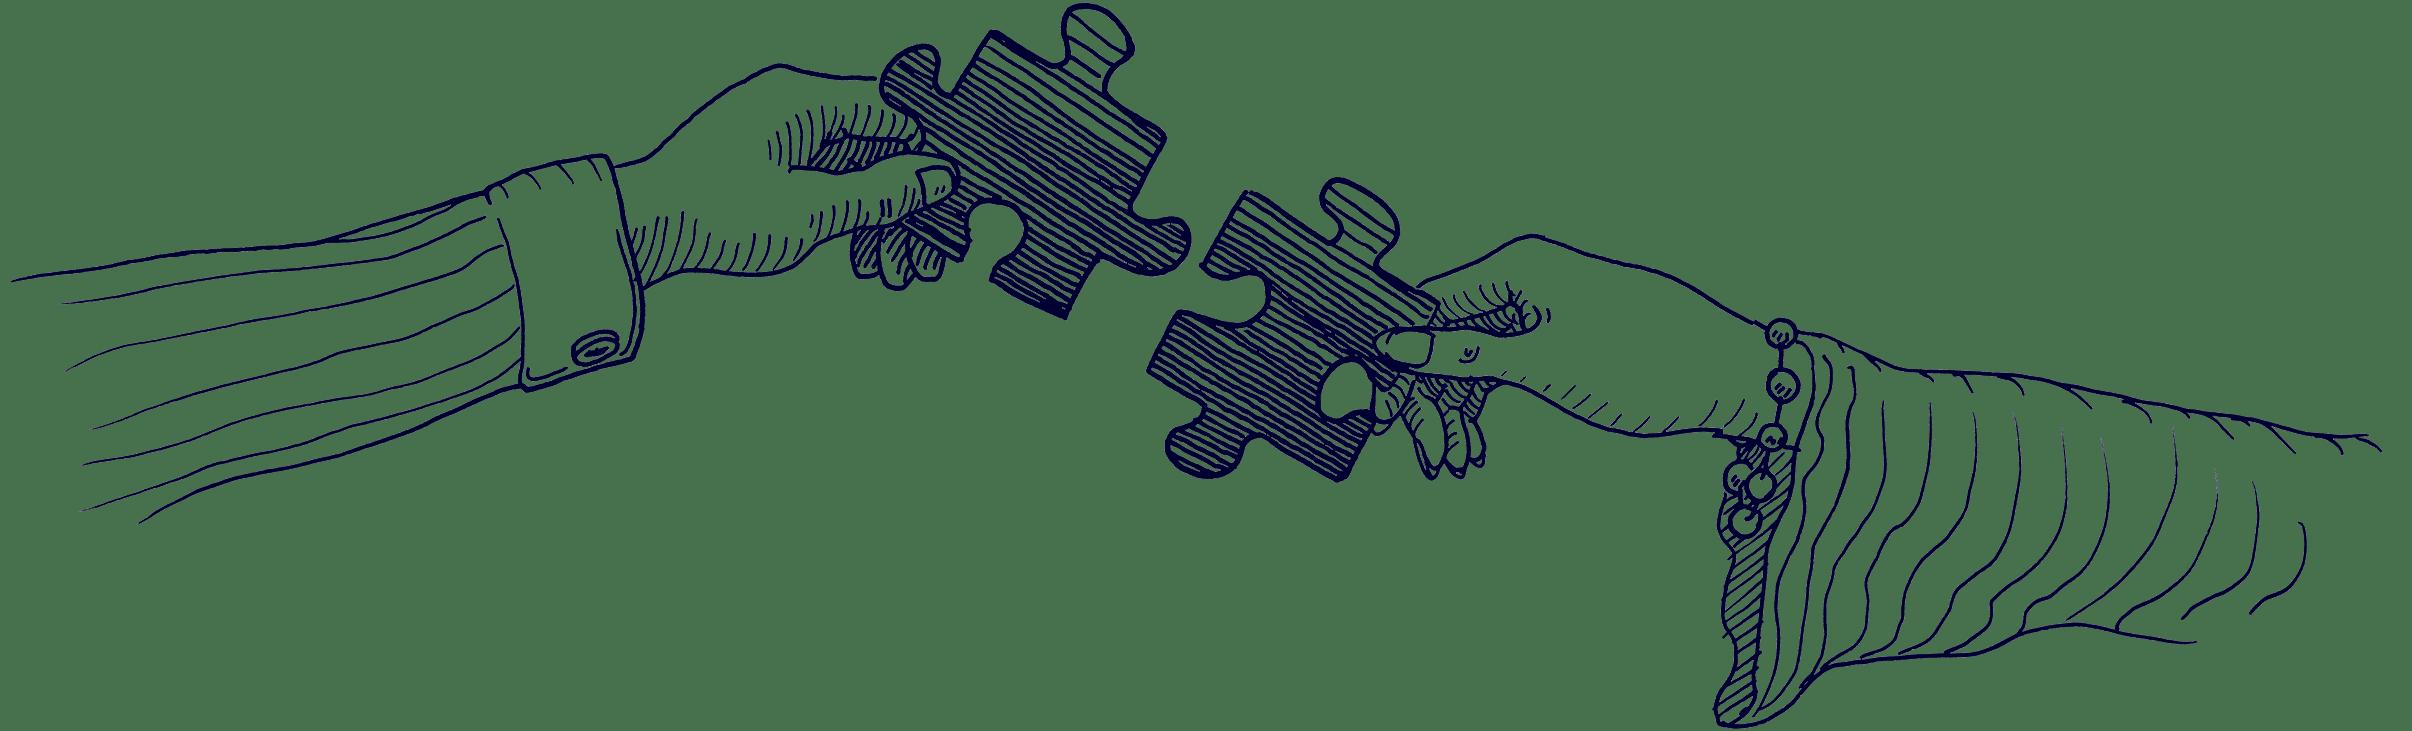 Unternehmens- & Gesellschaftsrecht | Haslinger / Nagele, Illustration: Karlheinz Wasserbacher